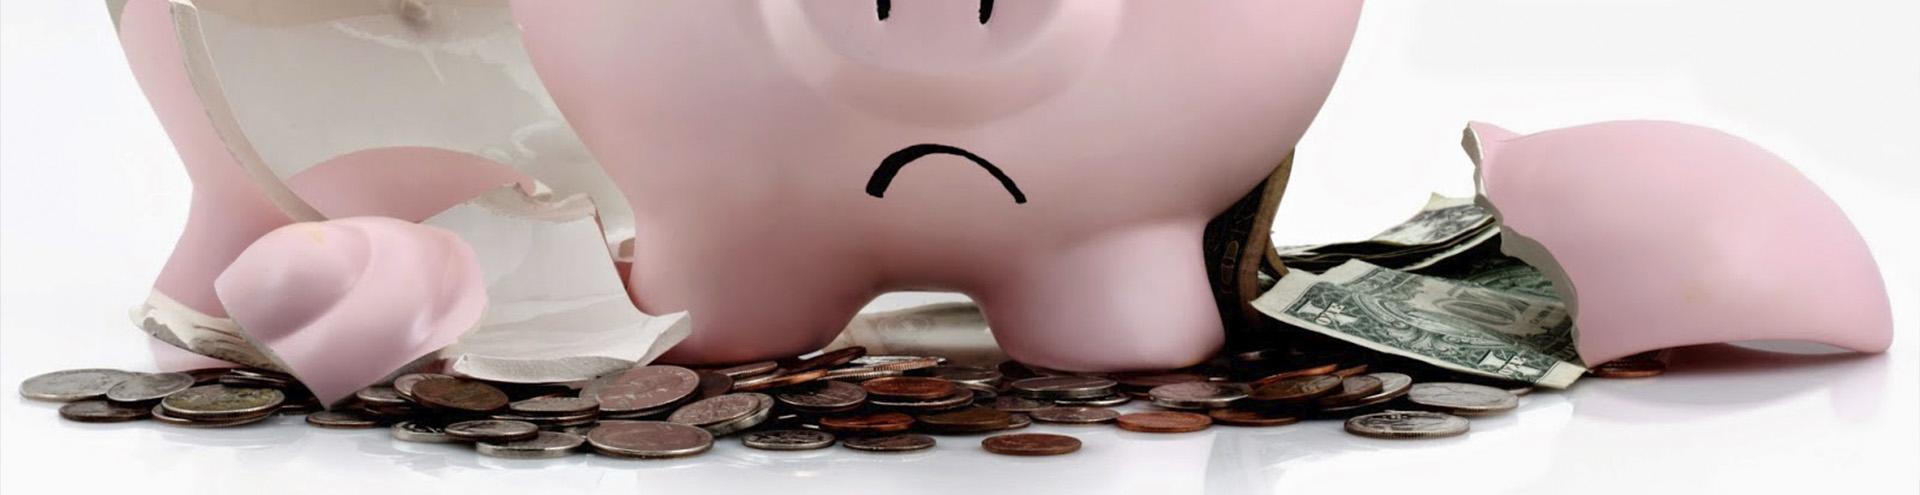 банкротство банка в Оренбурге и Оренбургской области